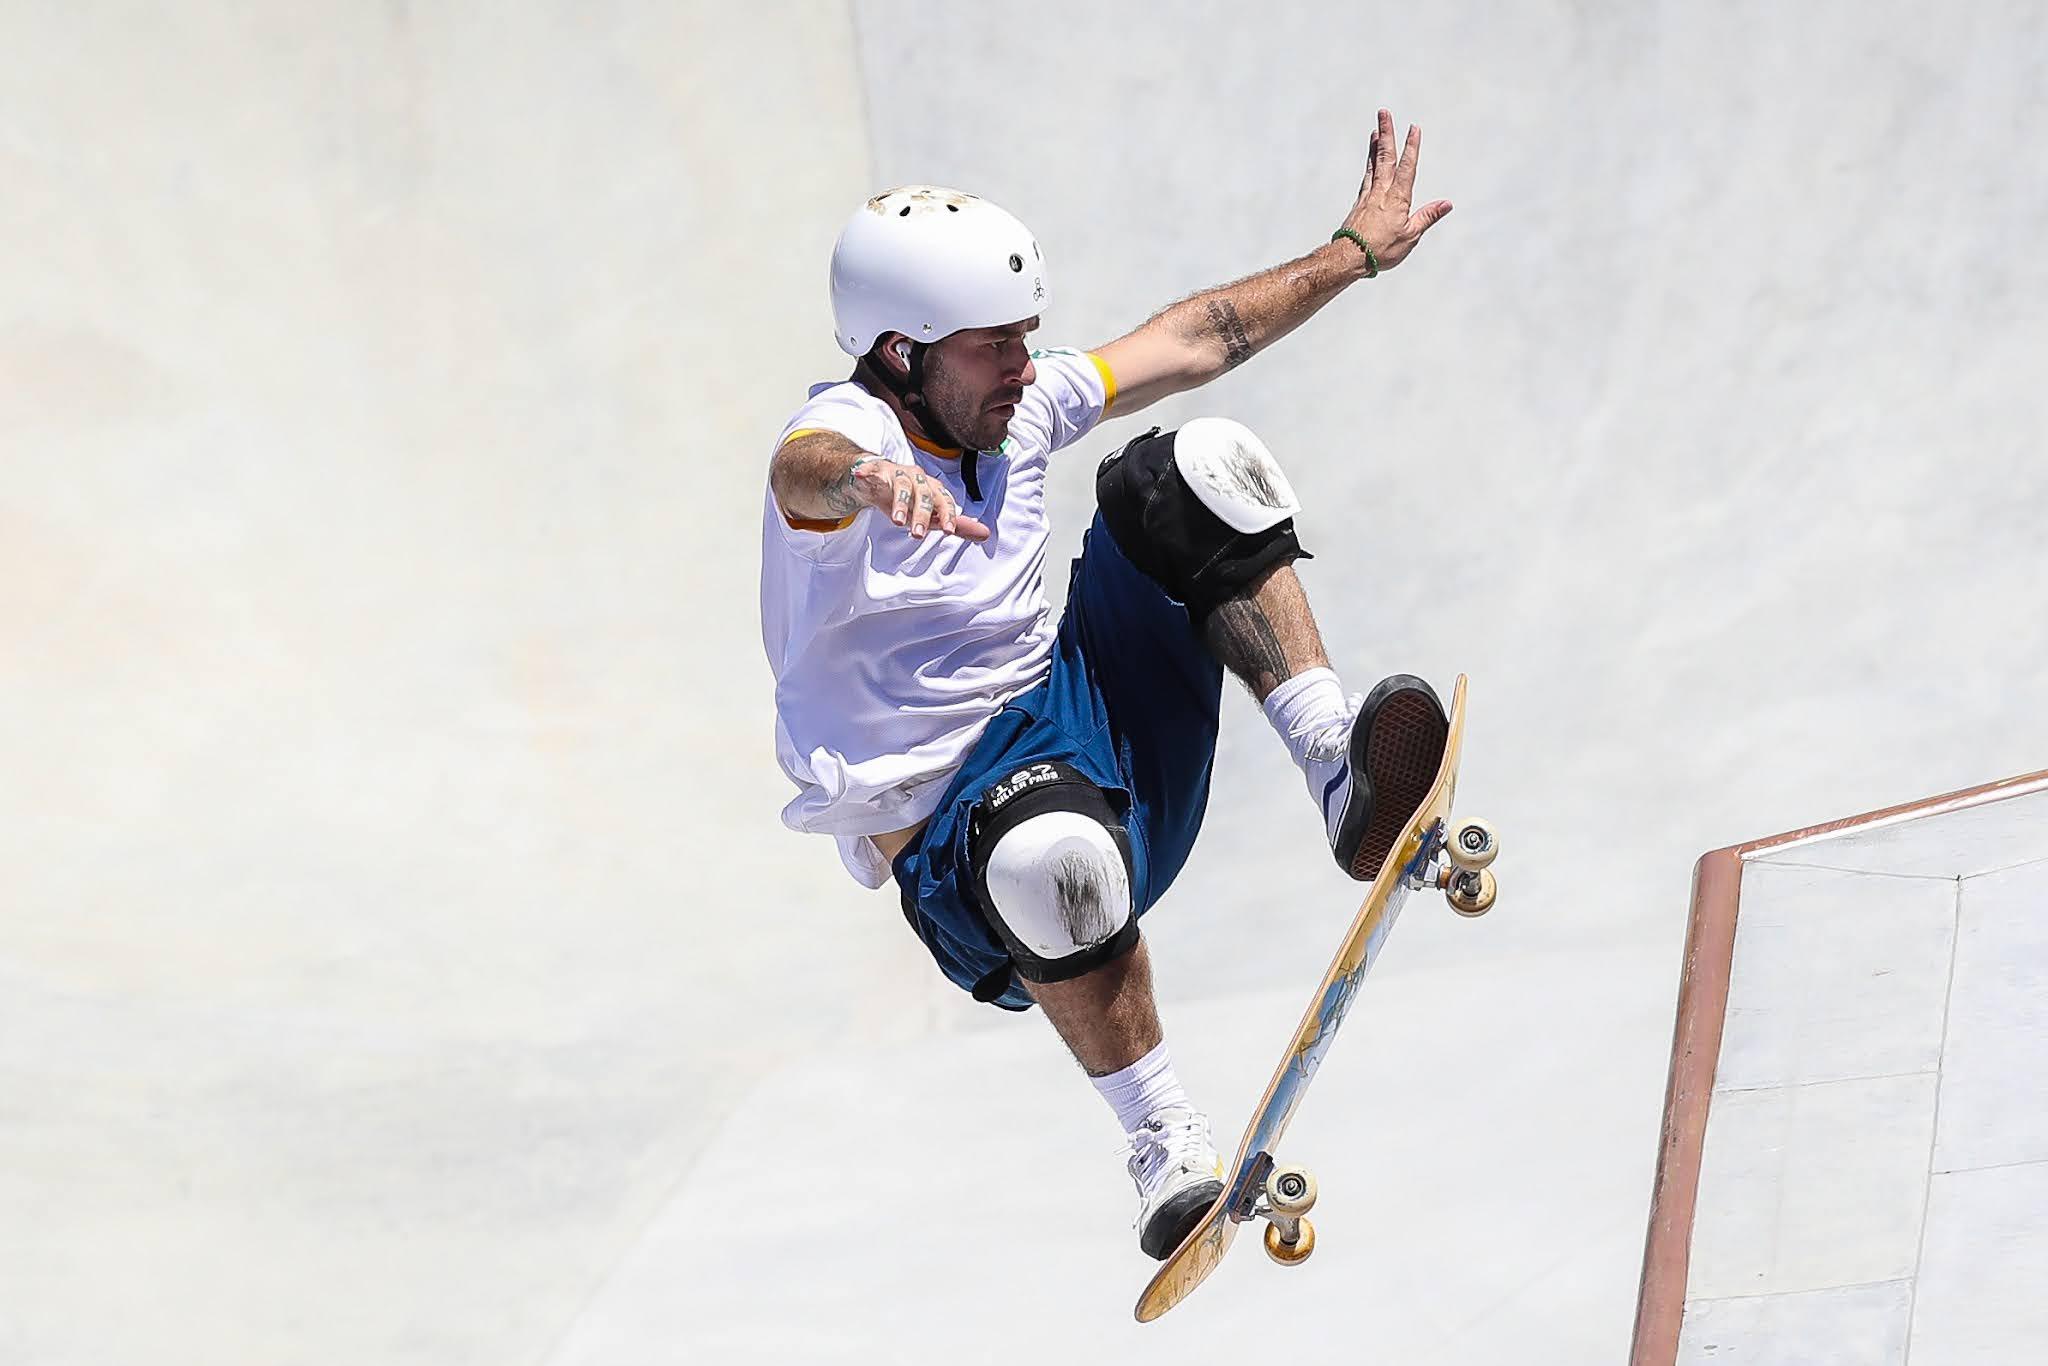 Pedro Barros é um dos principais skatistas da história do Brasil